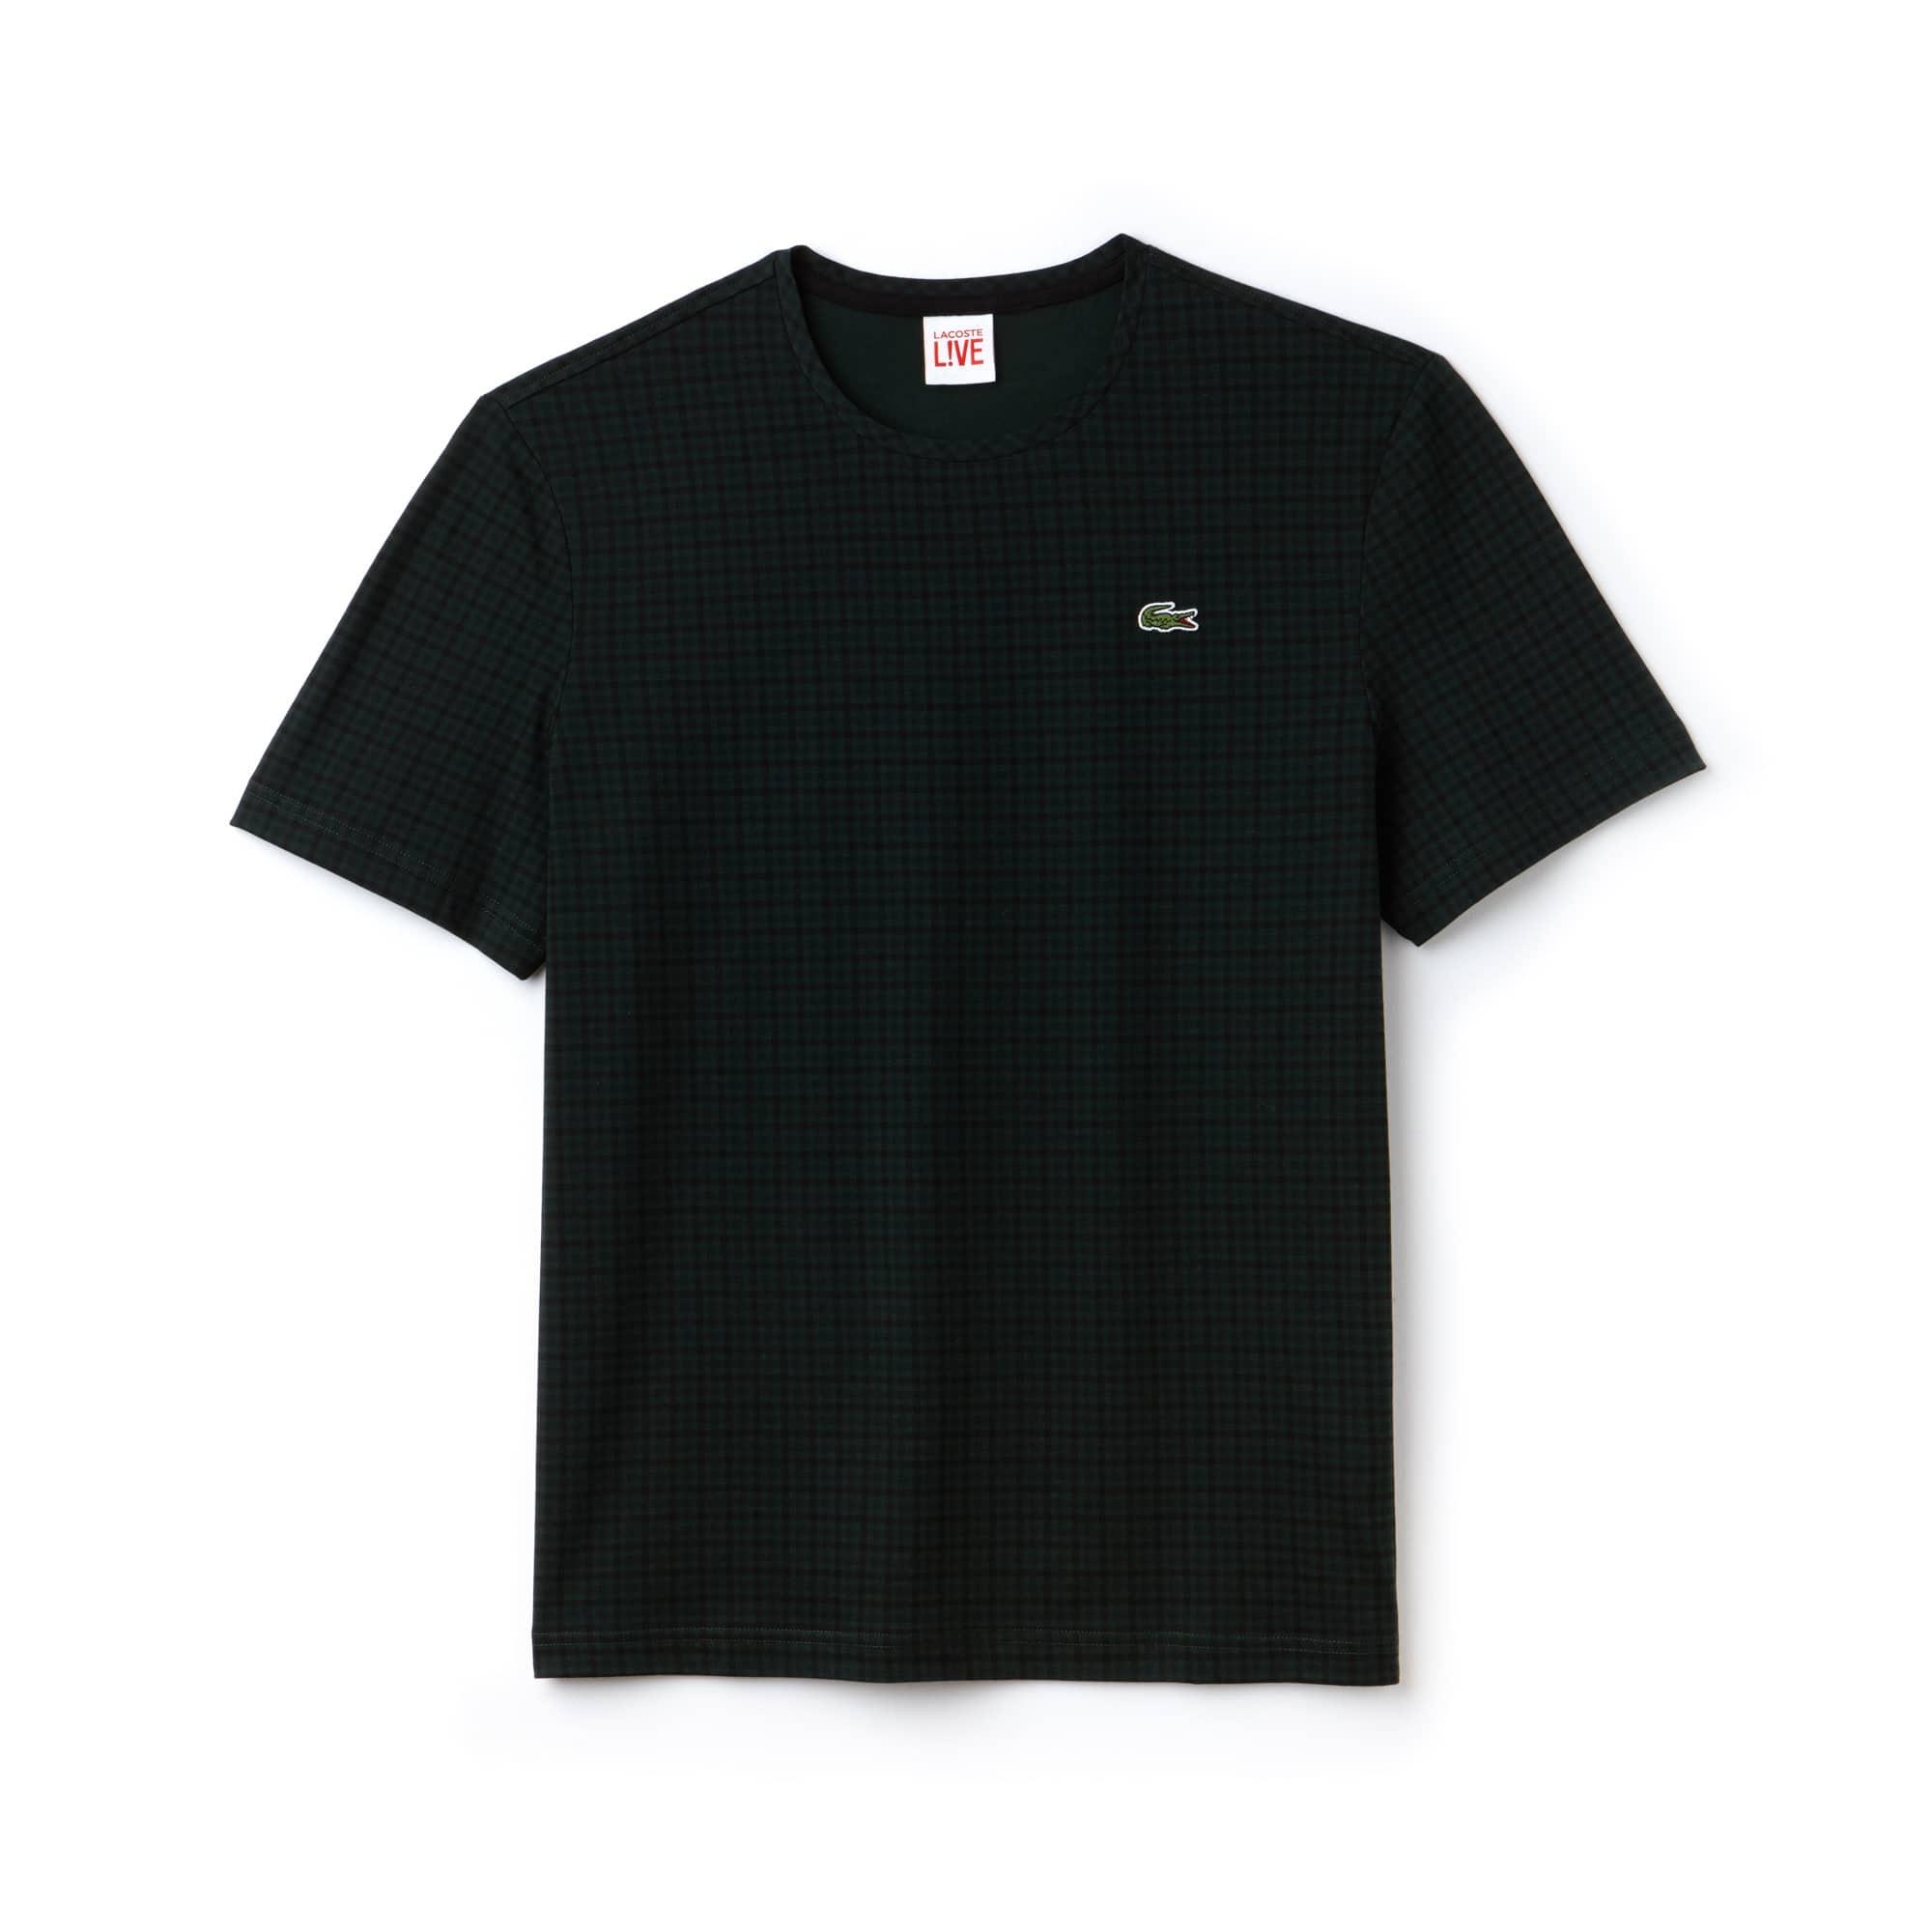 Camiseta De Hombre Lacoste LIVE En Tejido De Punto De Algodón Con Estampado De Cuadros Y Cuello Redondo